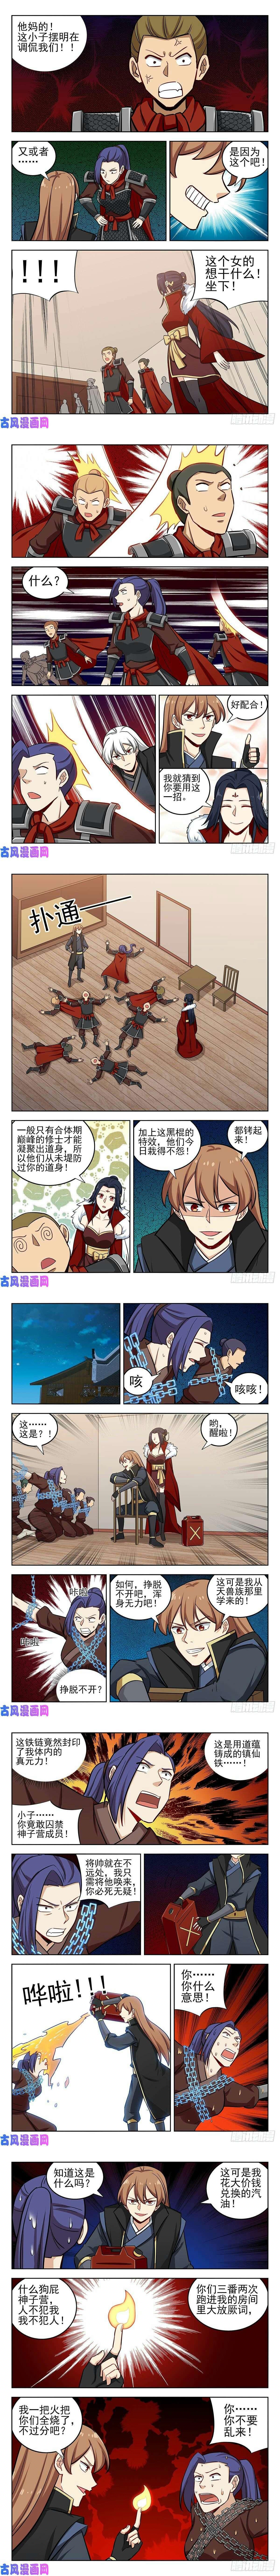 【漫画更新】最强反套路系统  260